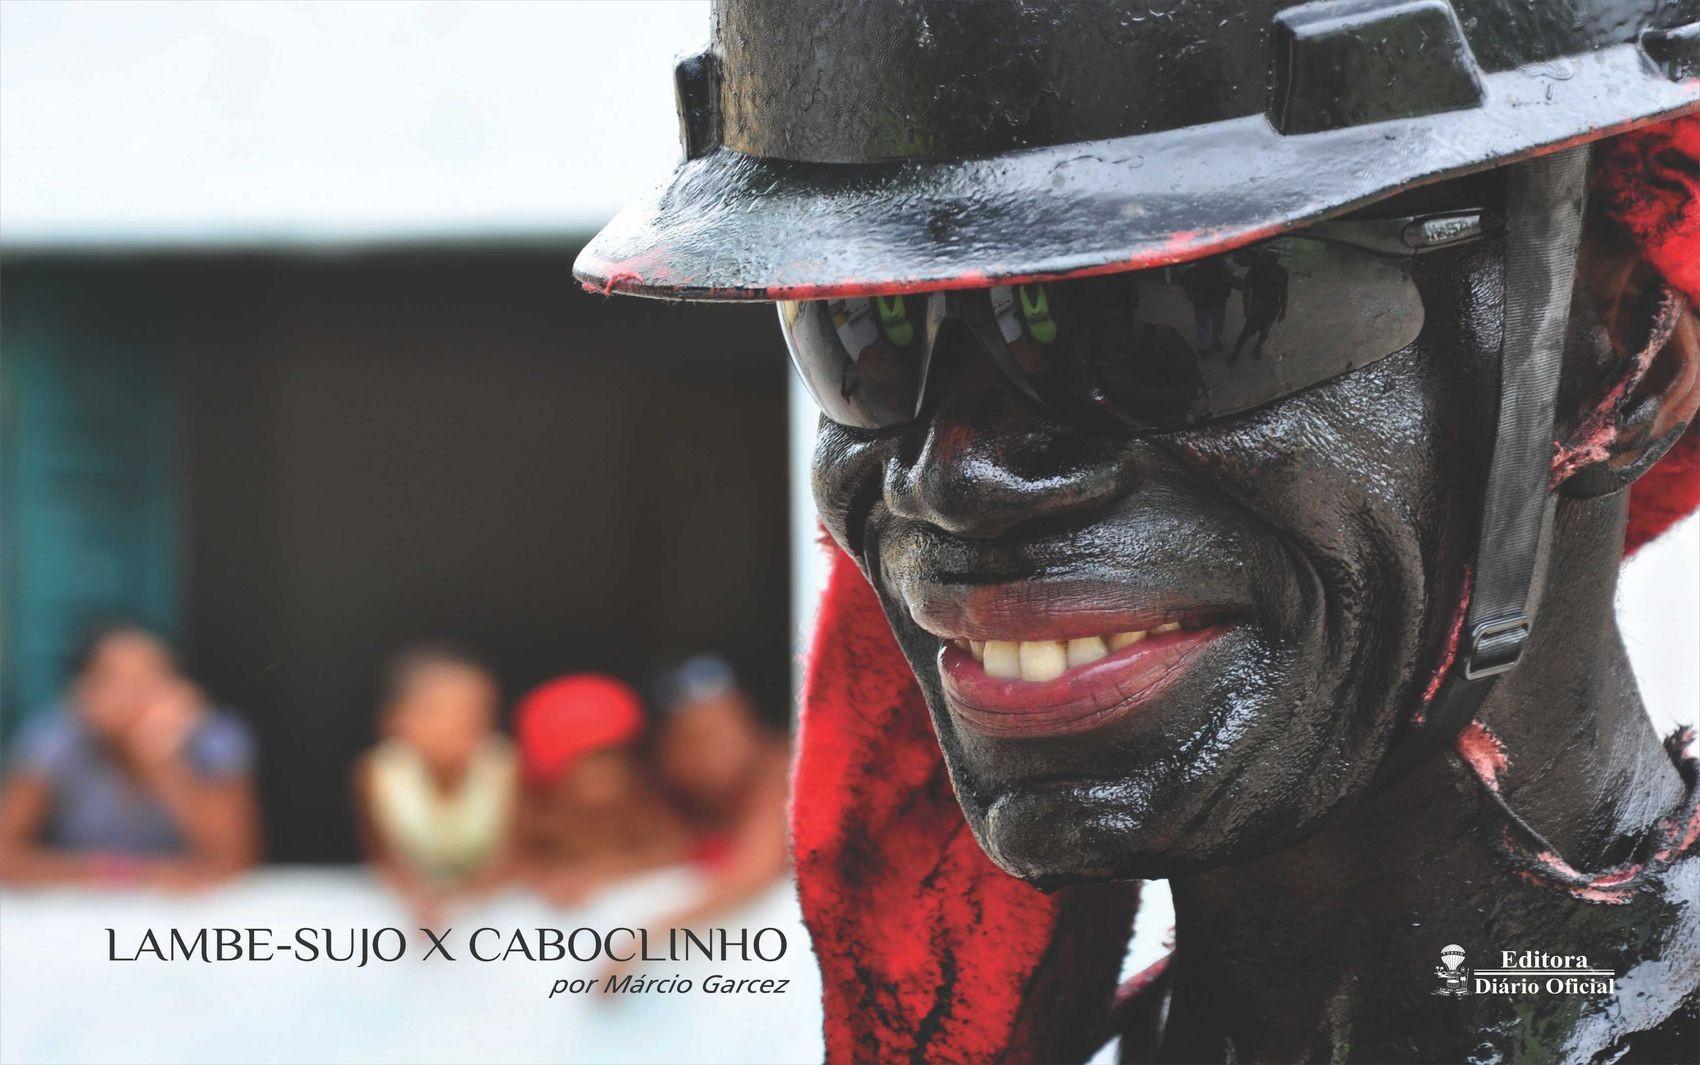 Corredor Cultural recebe exposição fotográfica sobre lambe-sujos e caboclinhos - Notícias - Plantão Diário